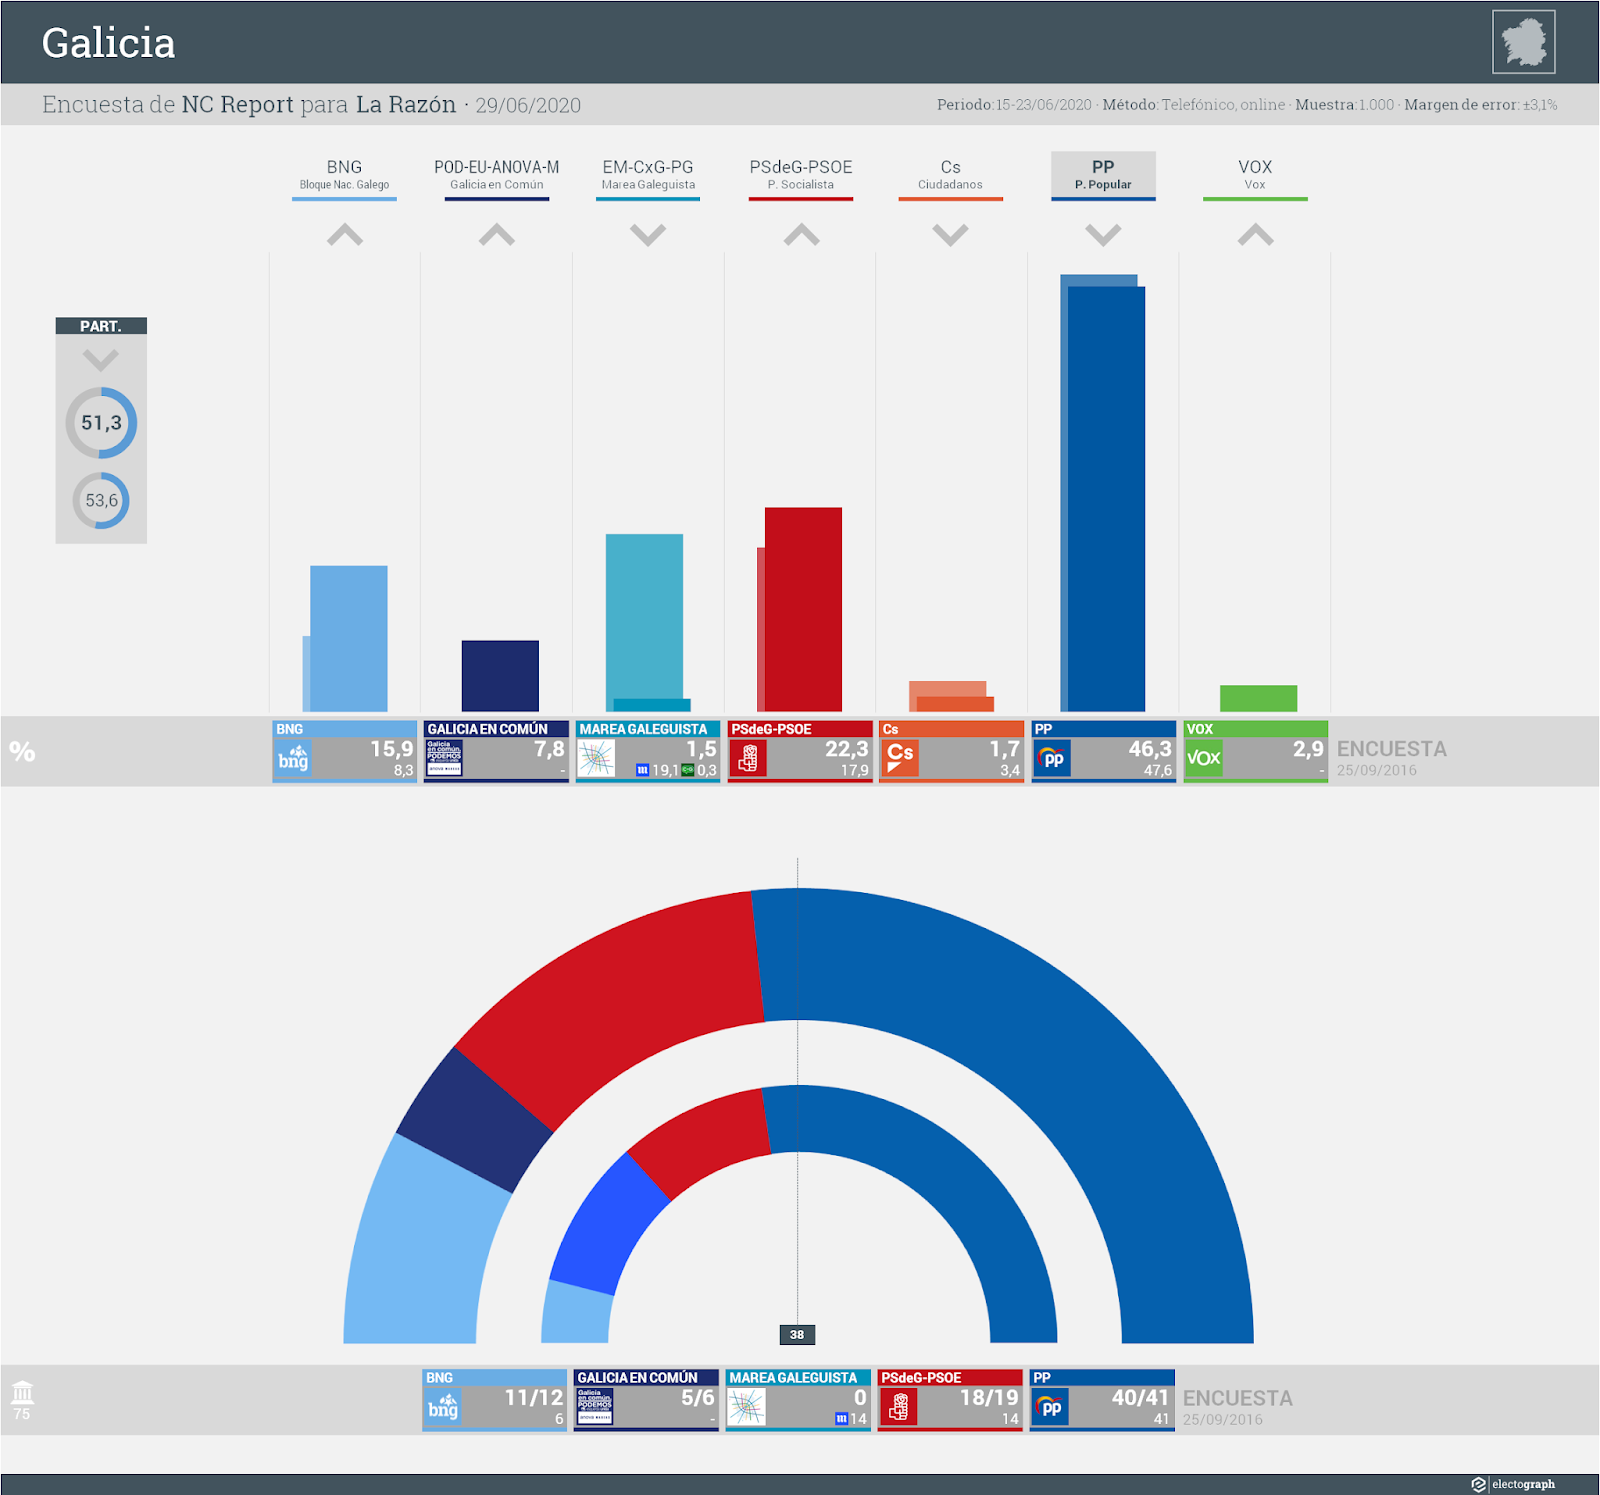 Gráfico de la encuesta para elecciones autonómicas en Galicia realizada por NC Report para La Razón, 29 de junio de 2020